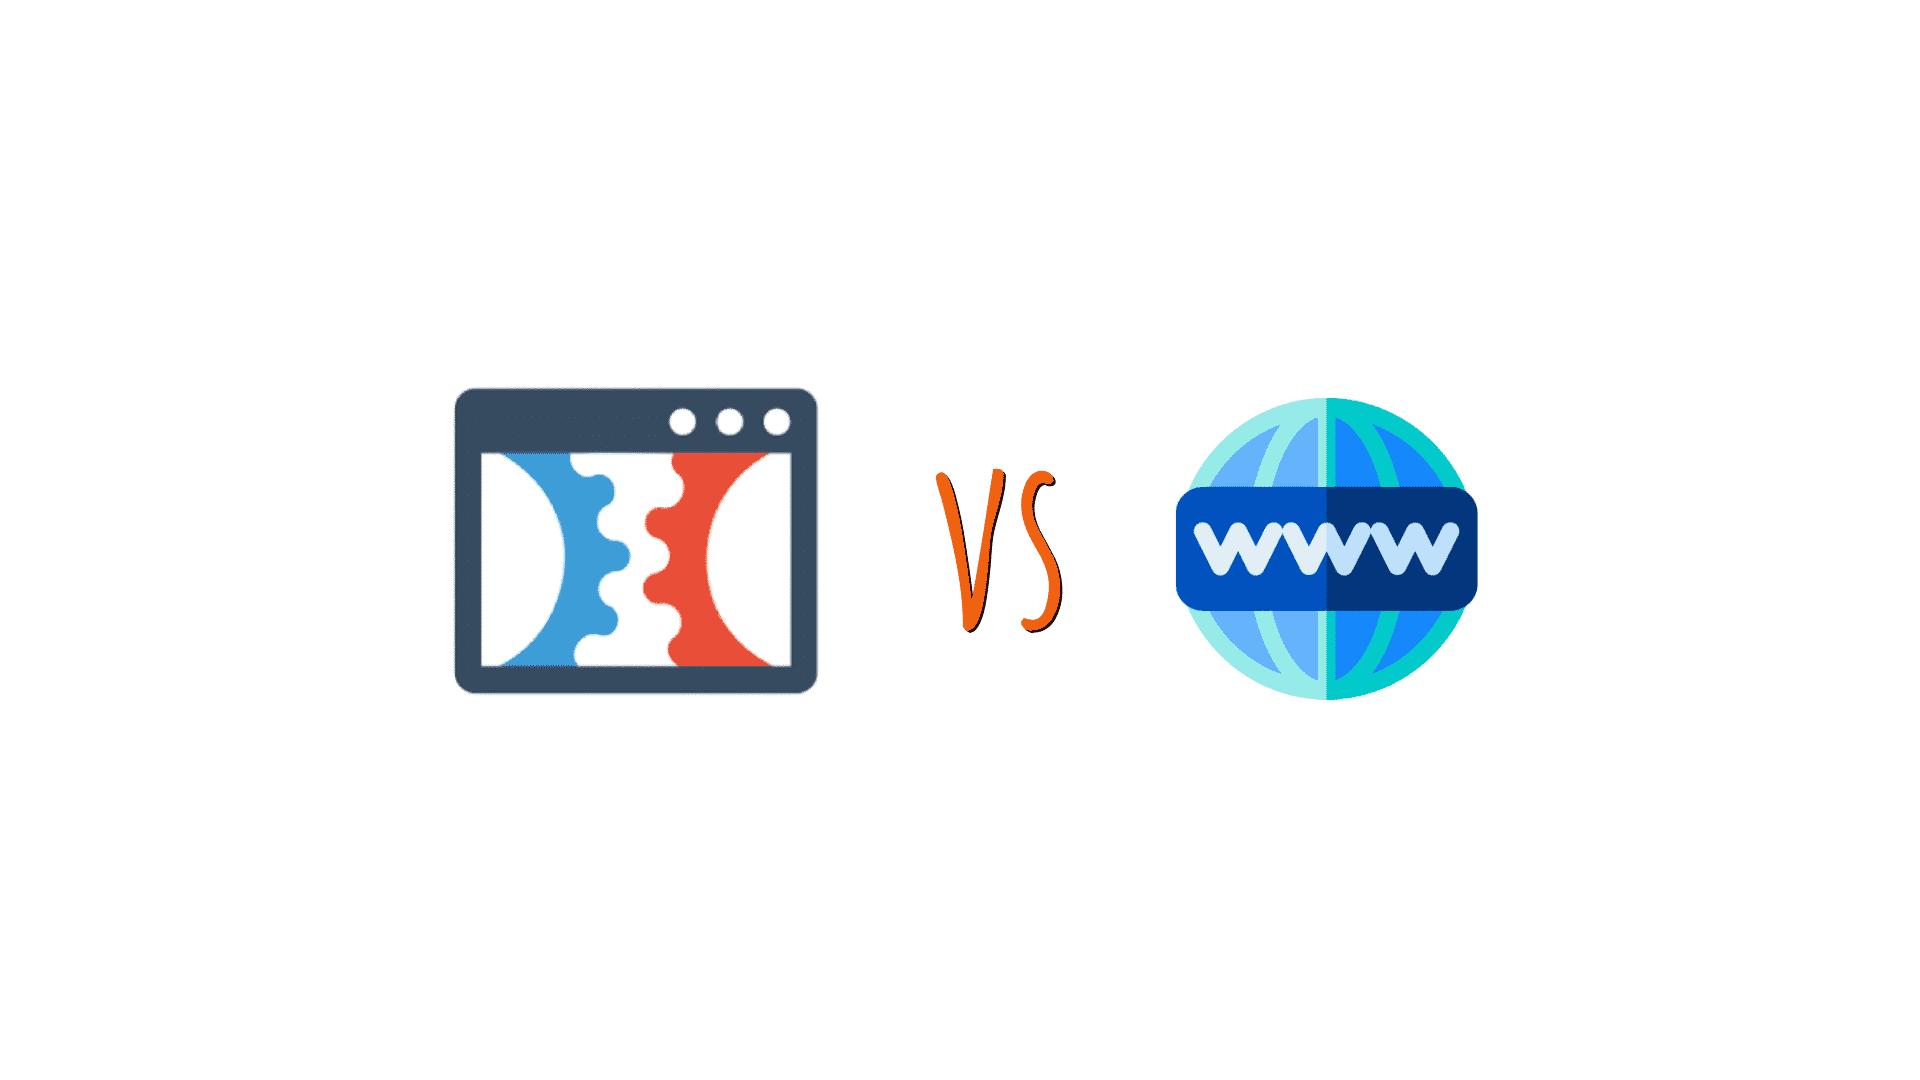 Principle of Clickfunnels vs Website